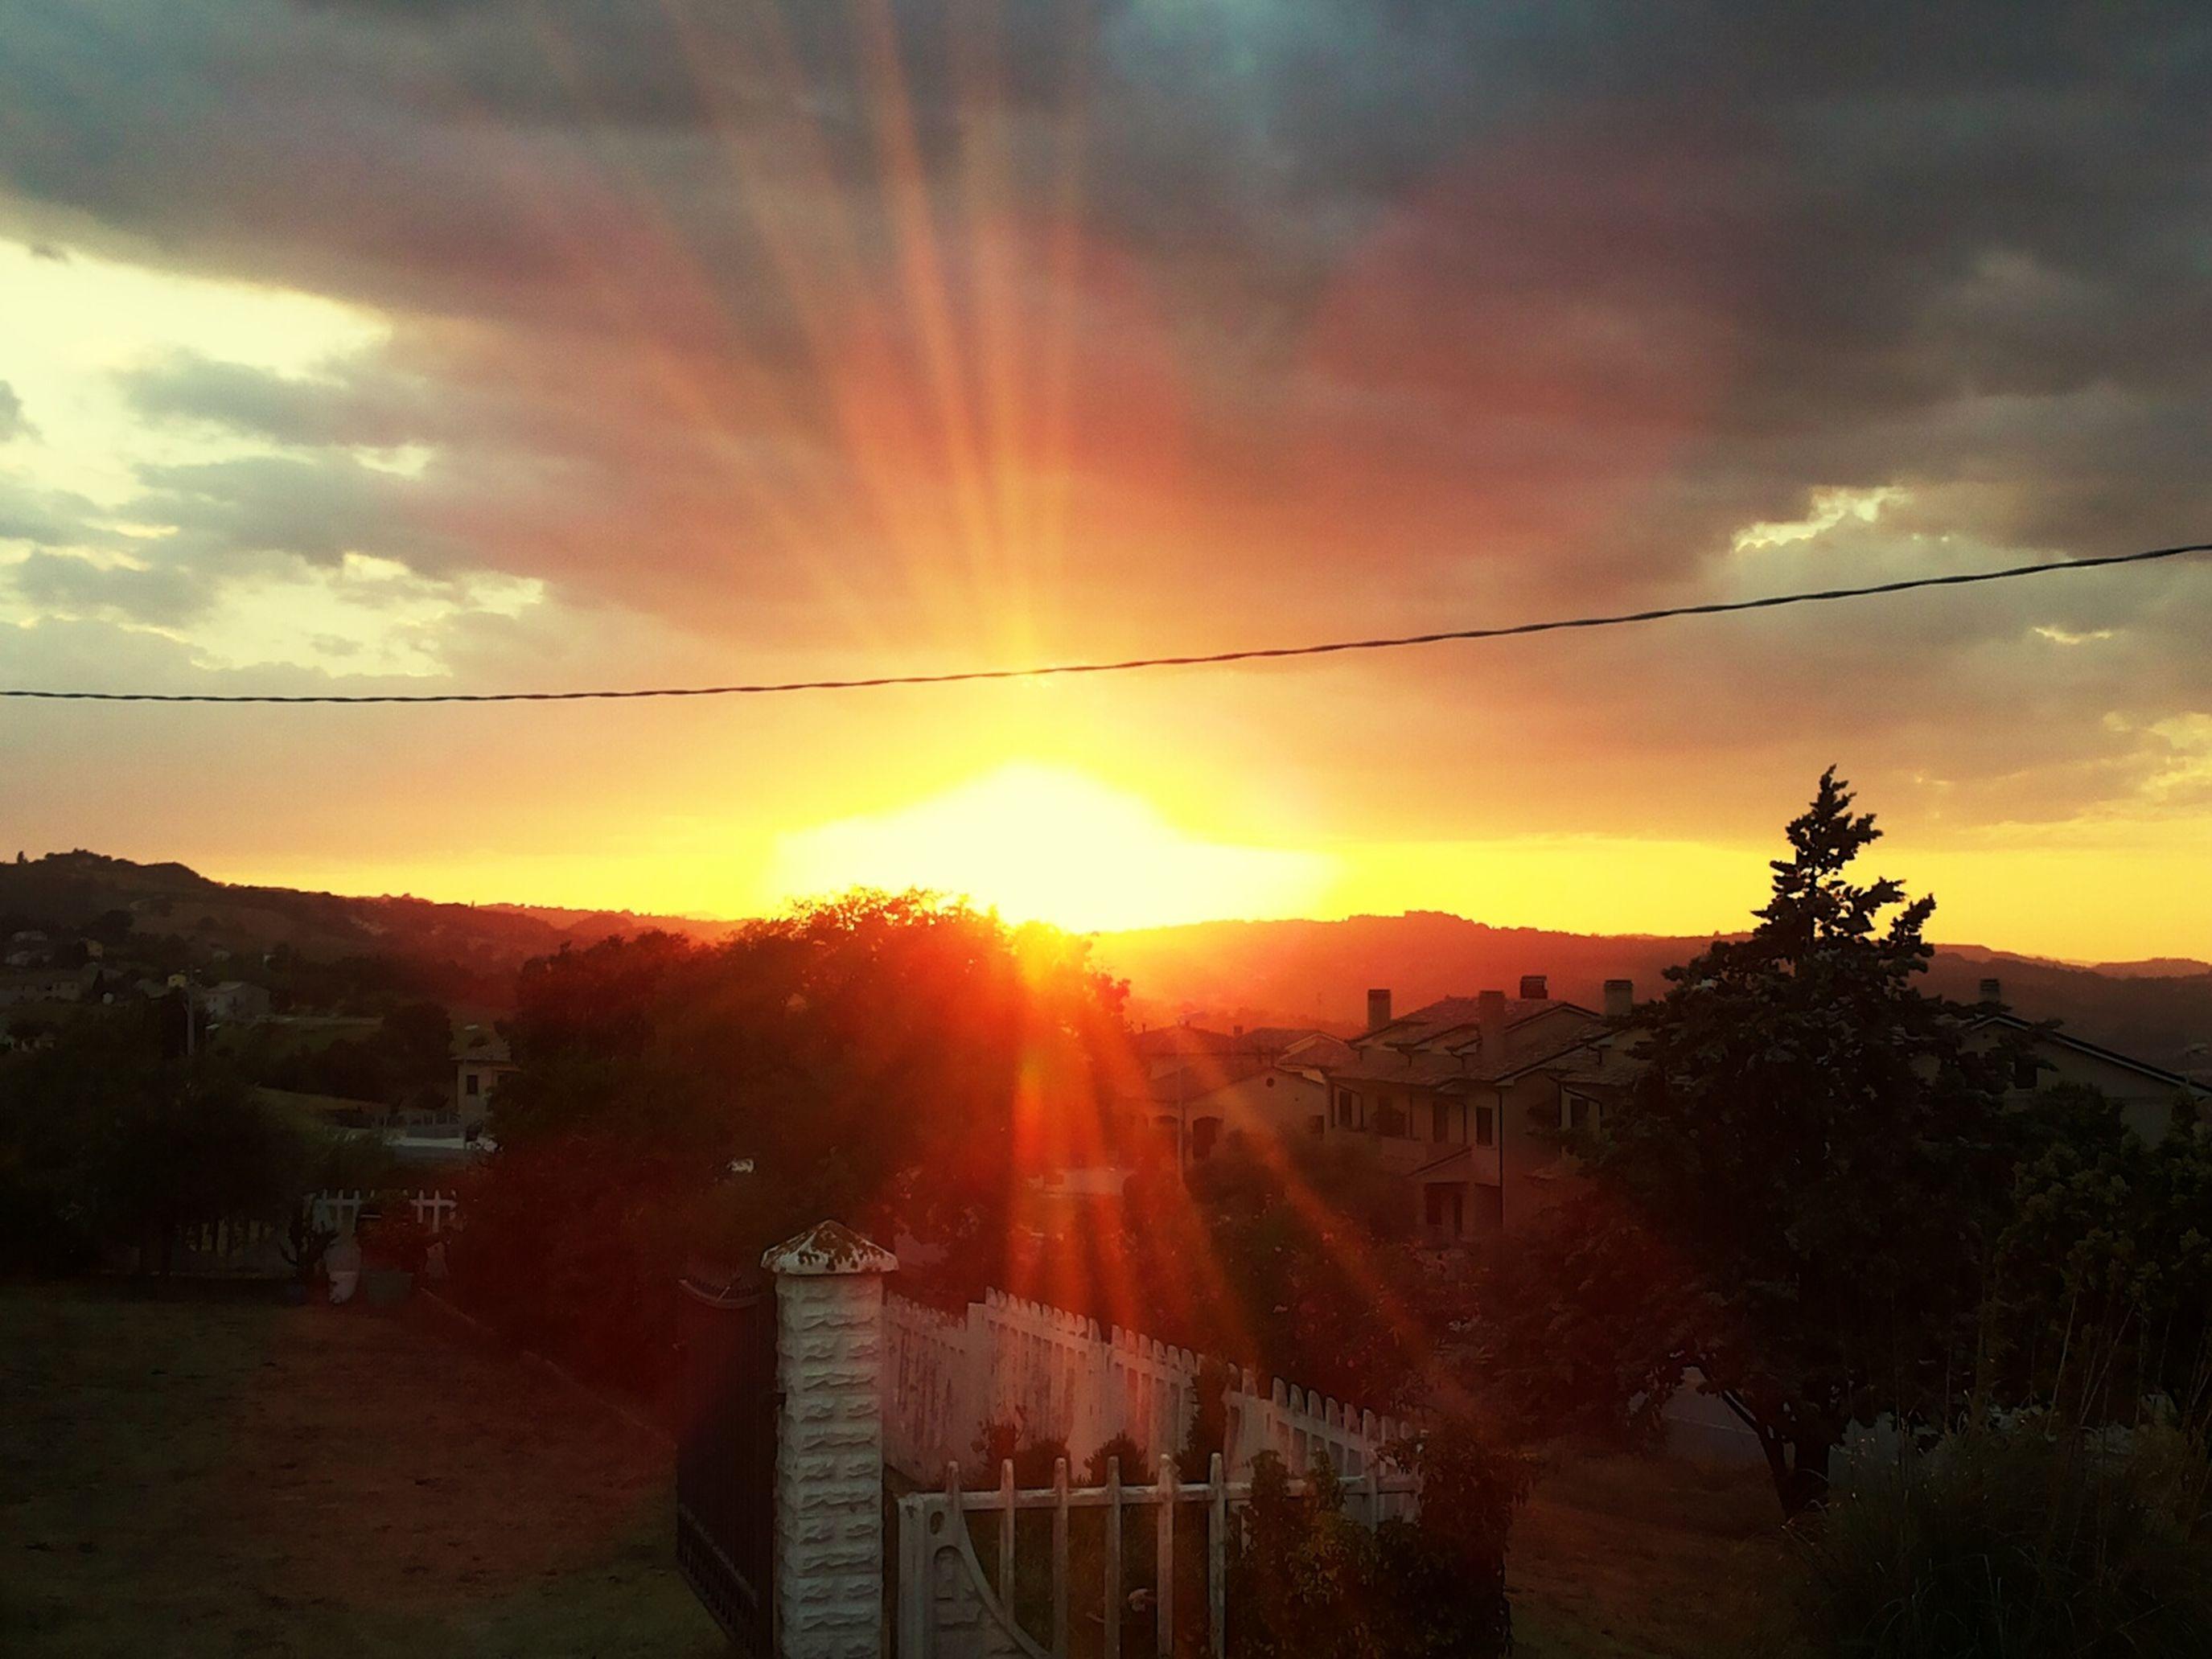 E luce fu. Genesi Creazione Viacostenumerodue Tramonto Sunset Countryside Sky And Clouds Landscape Hello World Nature